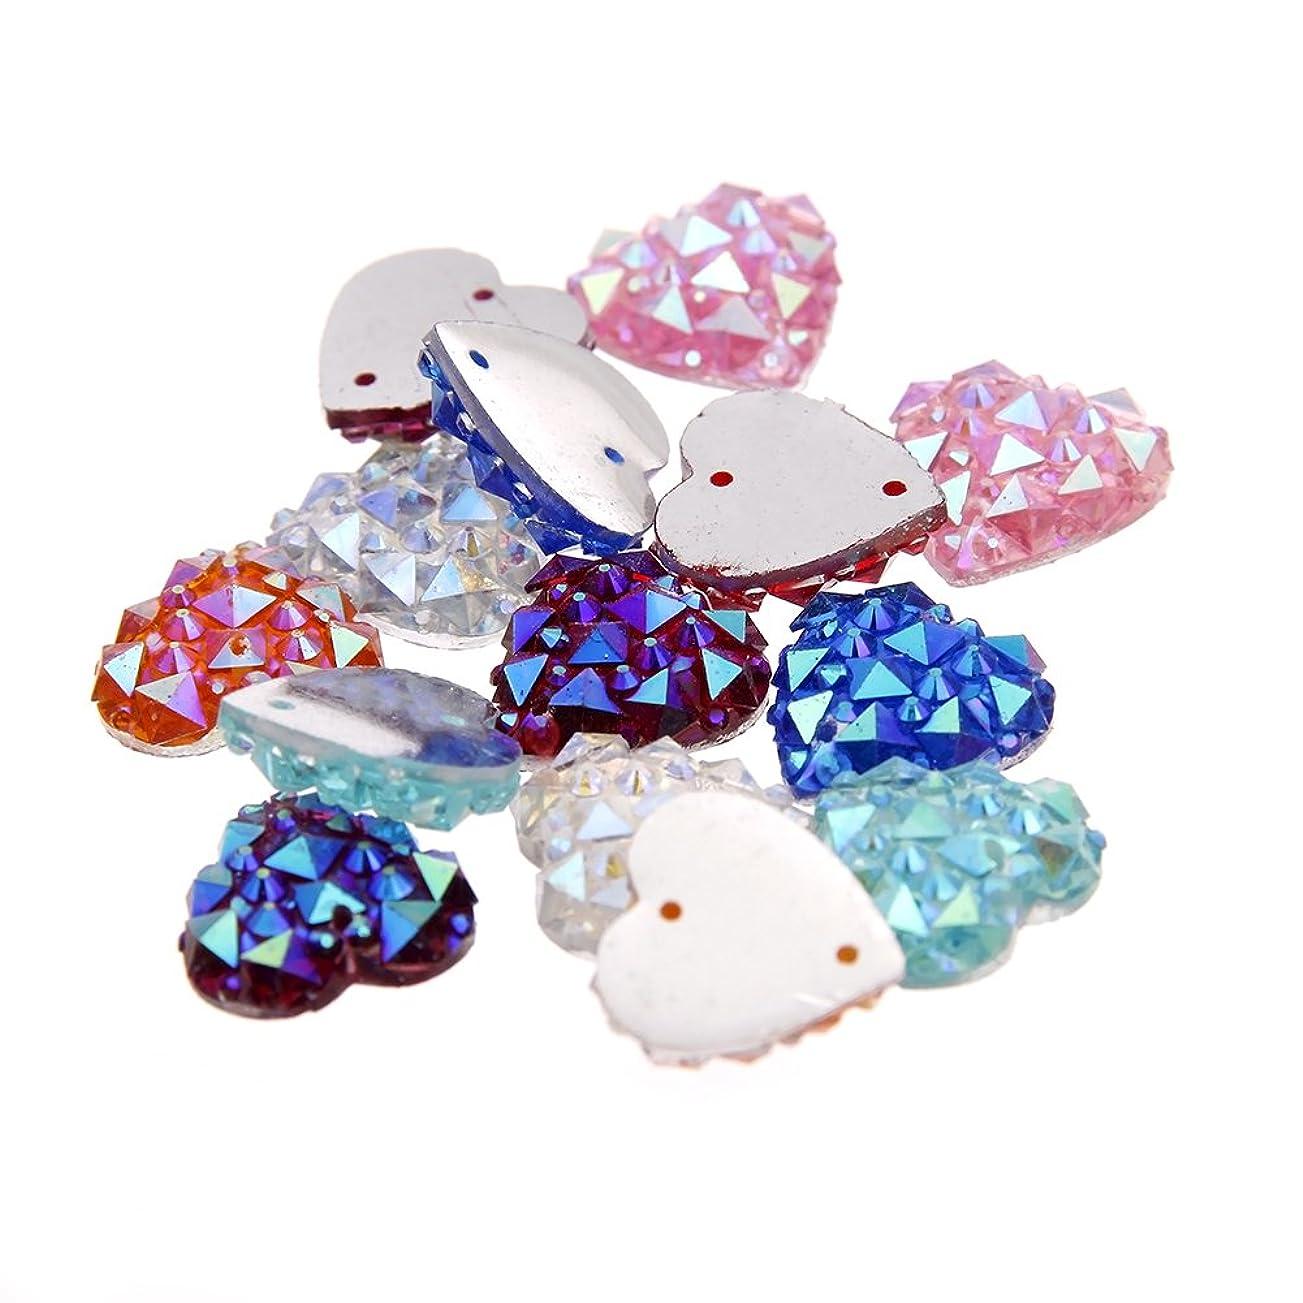 事実上仕えるスライスNizi ジュエリー ブランド 200pcs 心臓の形状 12mm 縫い樹脂ビーズ 2つの穴フラットバック 樹脂ラインストーン DIYの装飾 (混合ABの色)